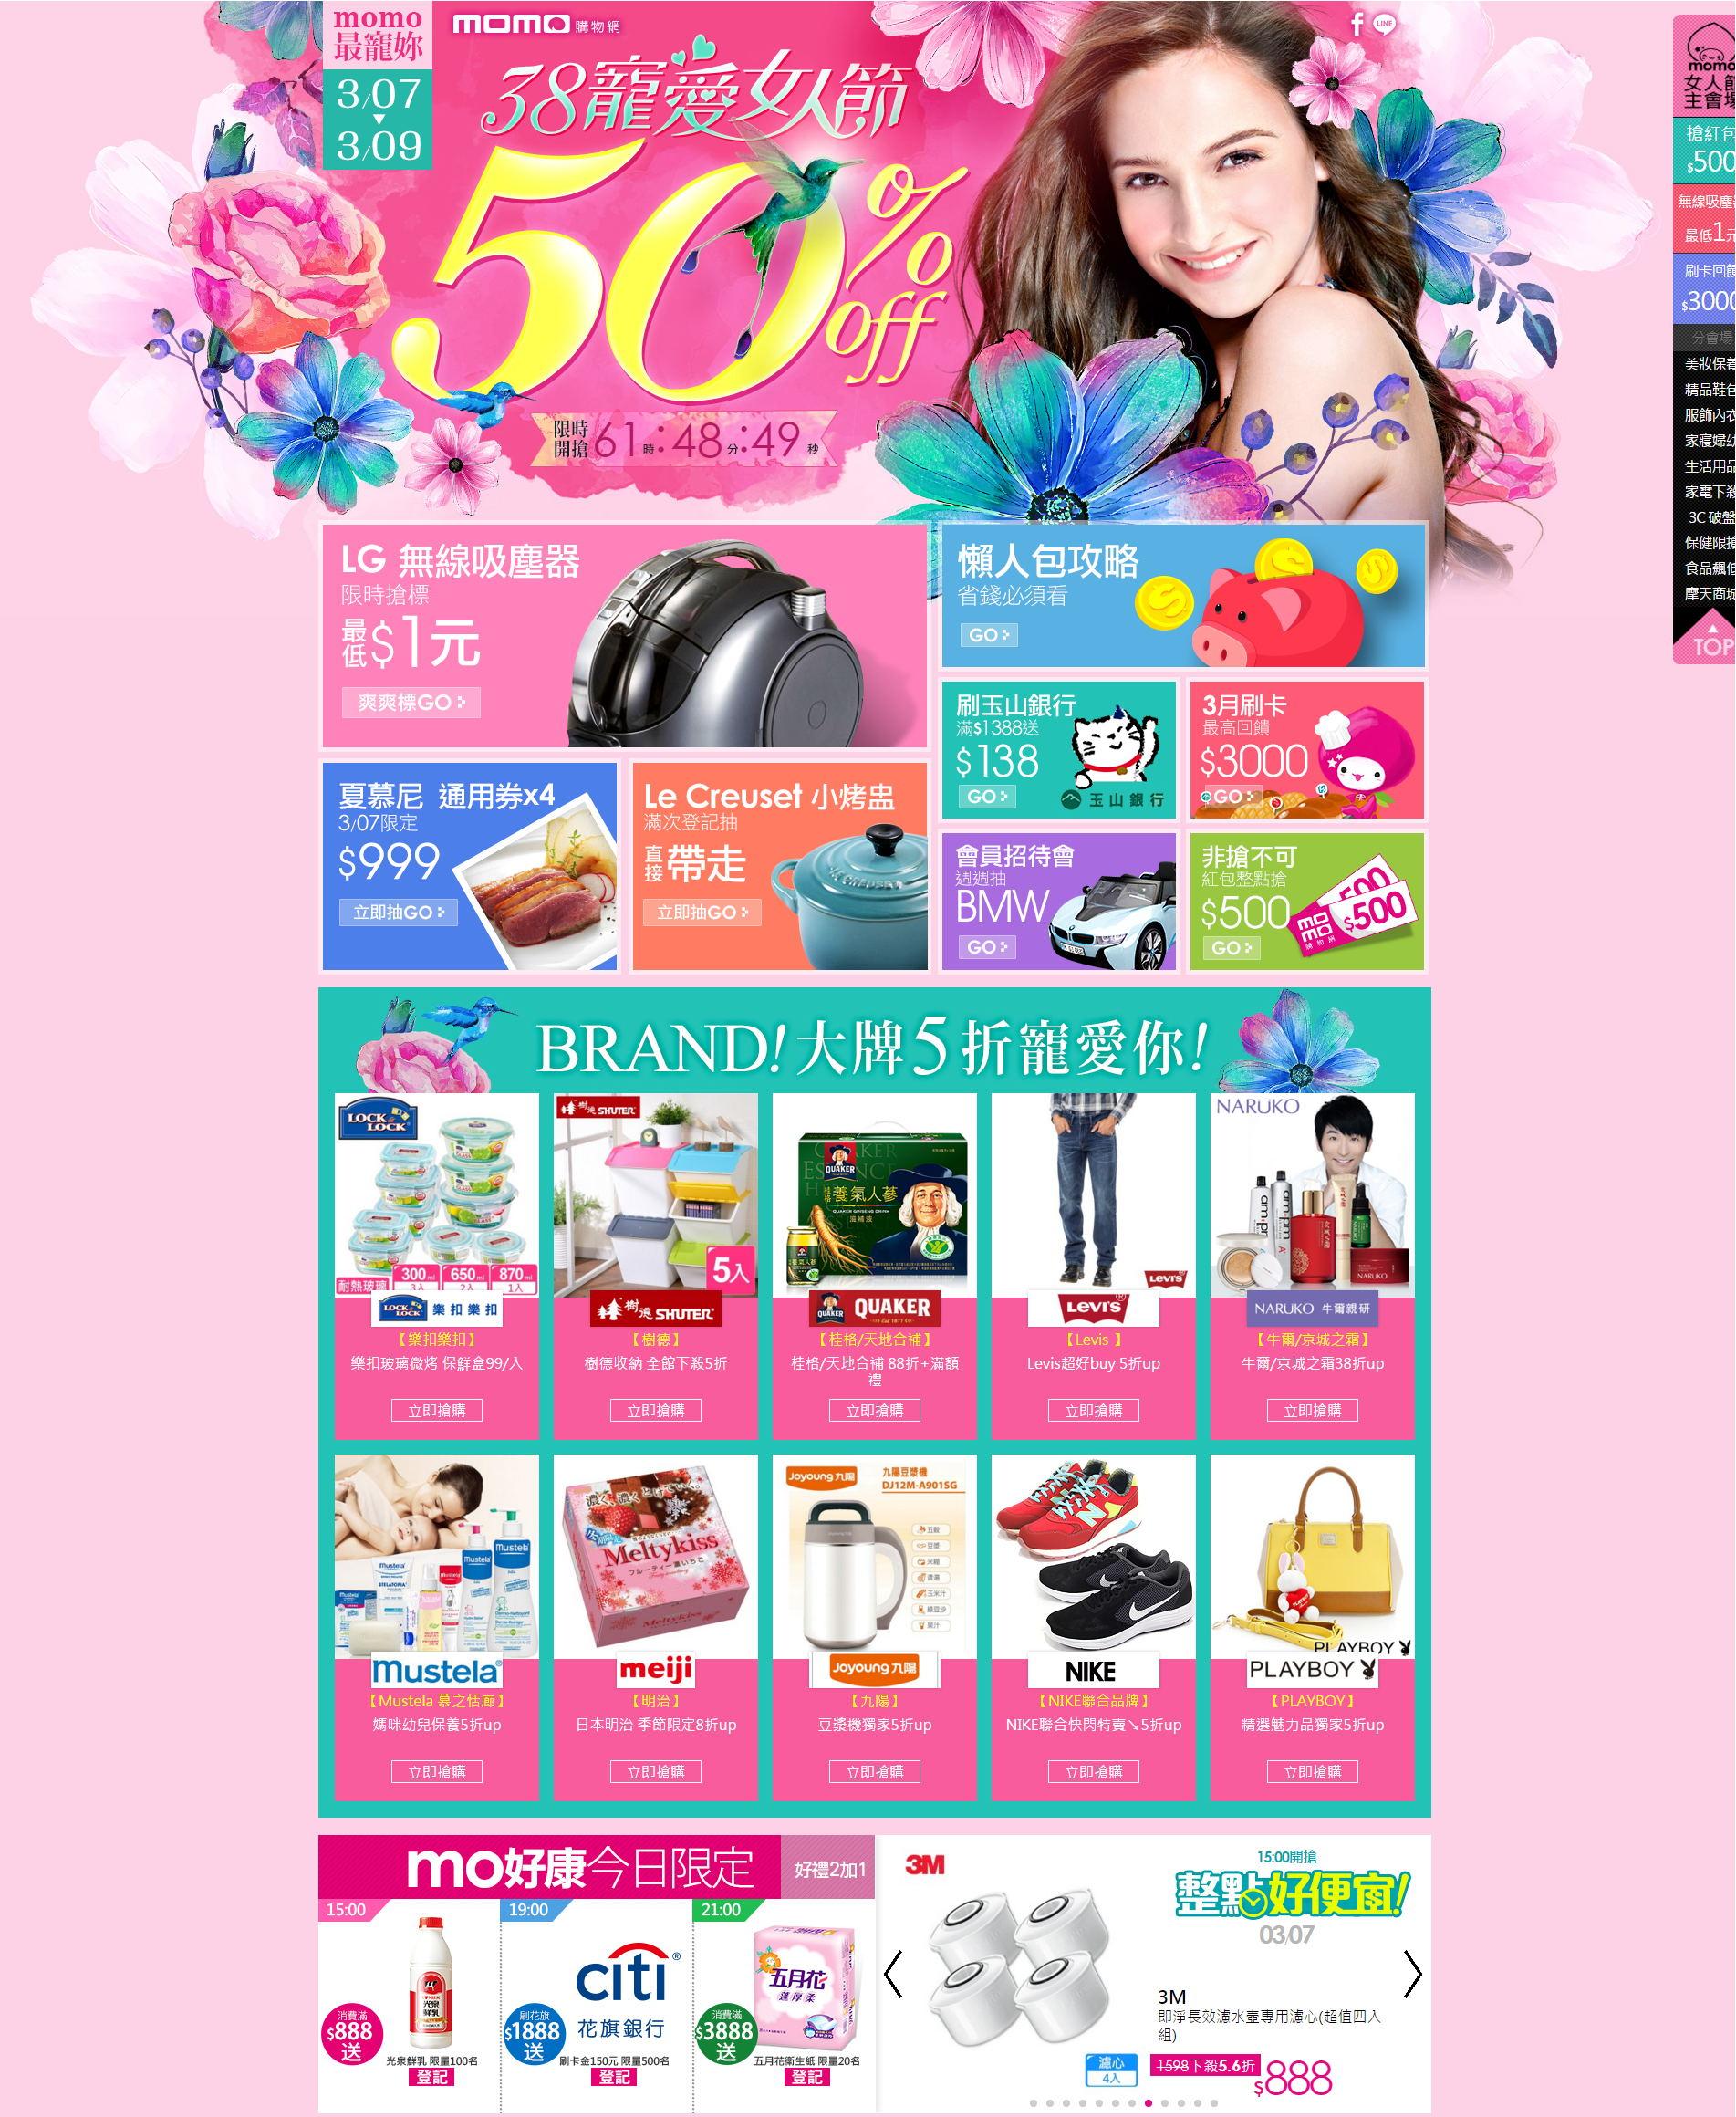 台湾38宠爱女人节电商活动促销页面设计欣赏